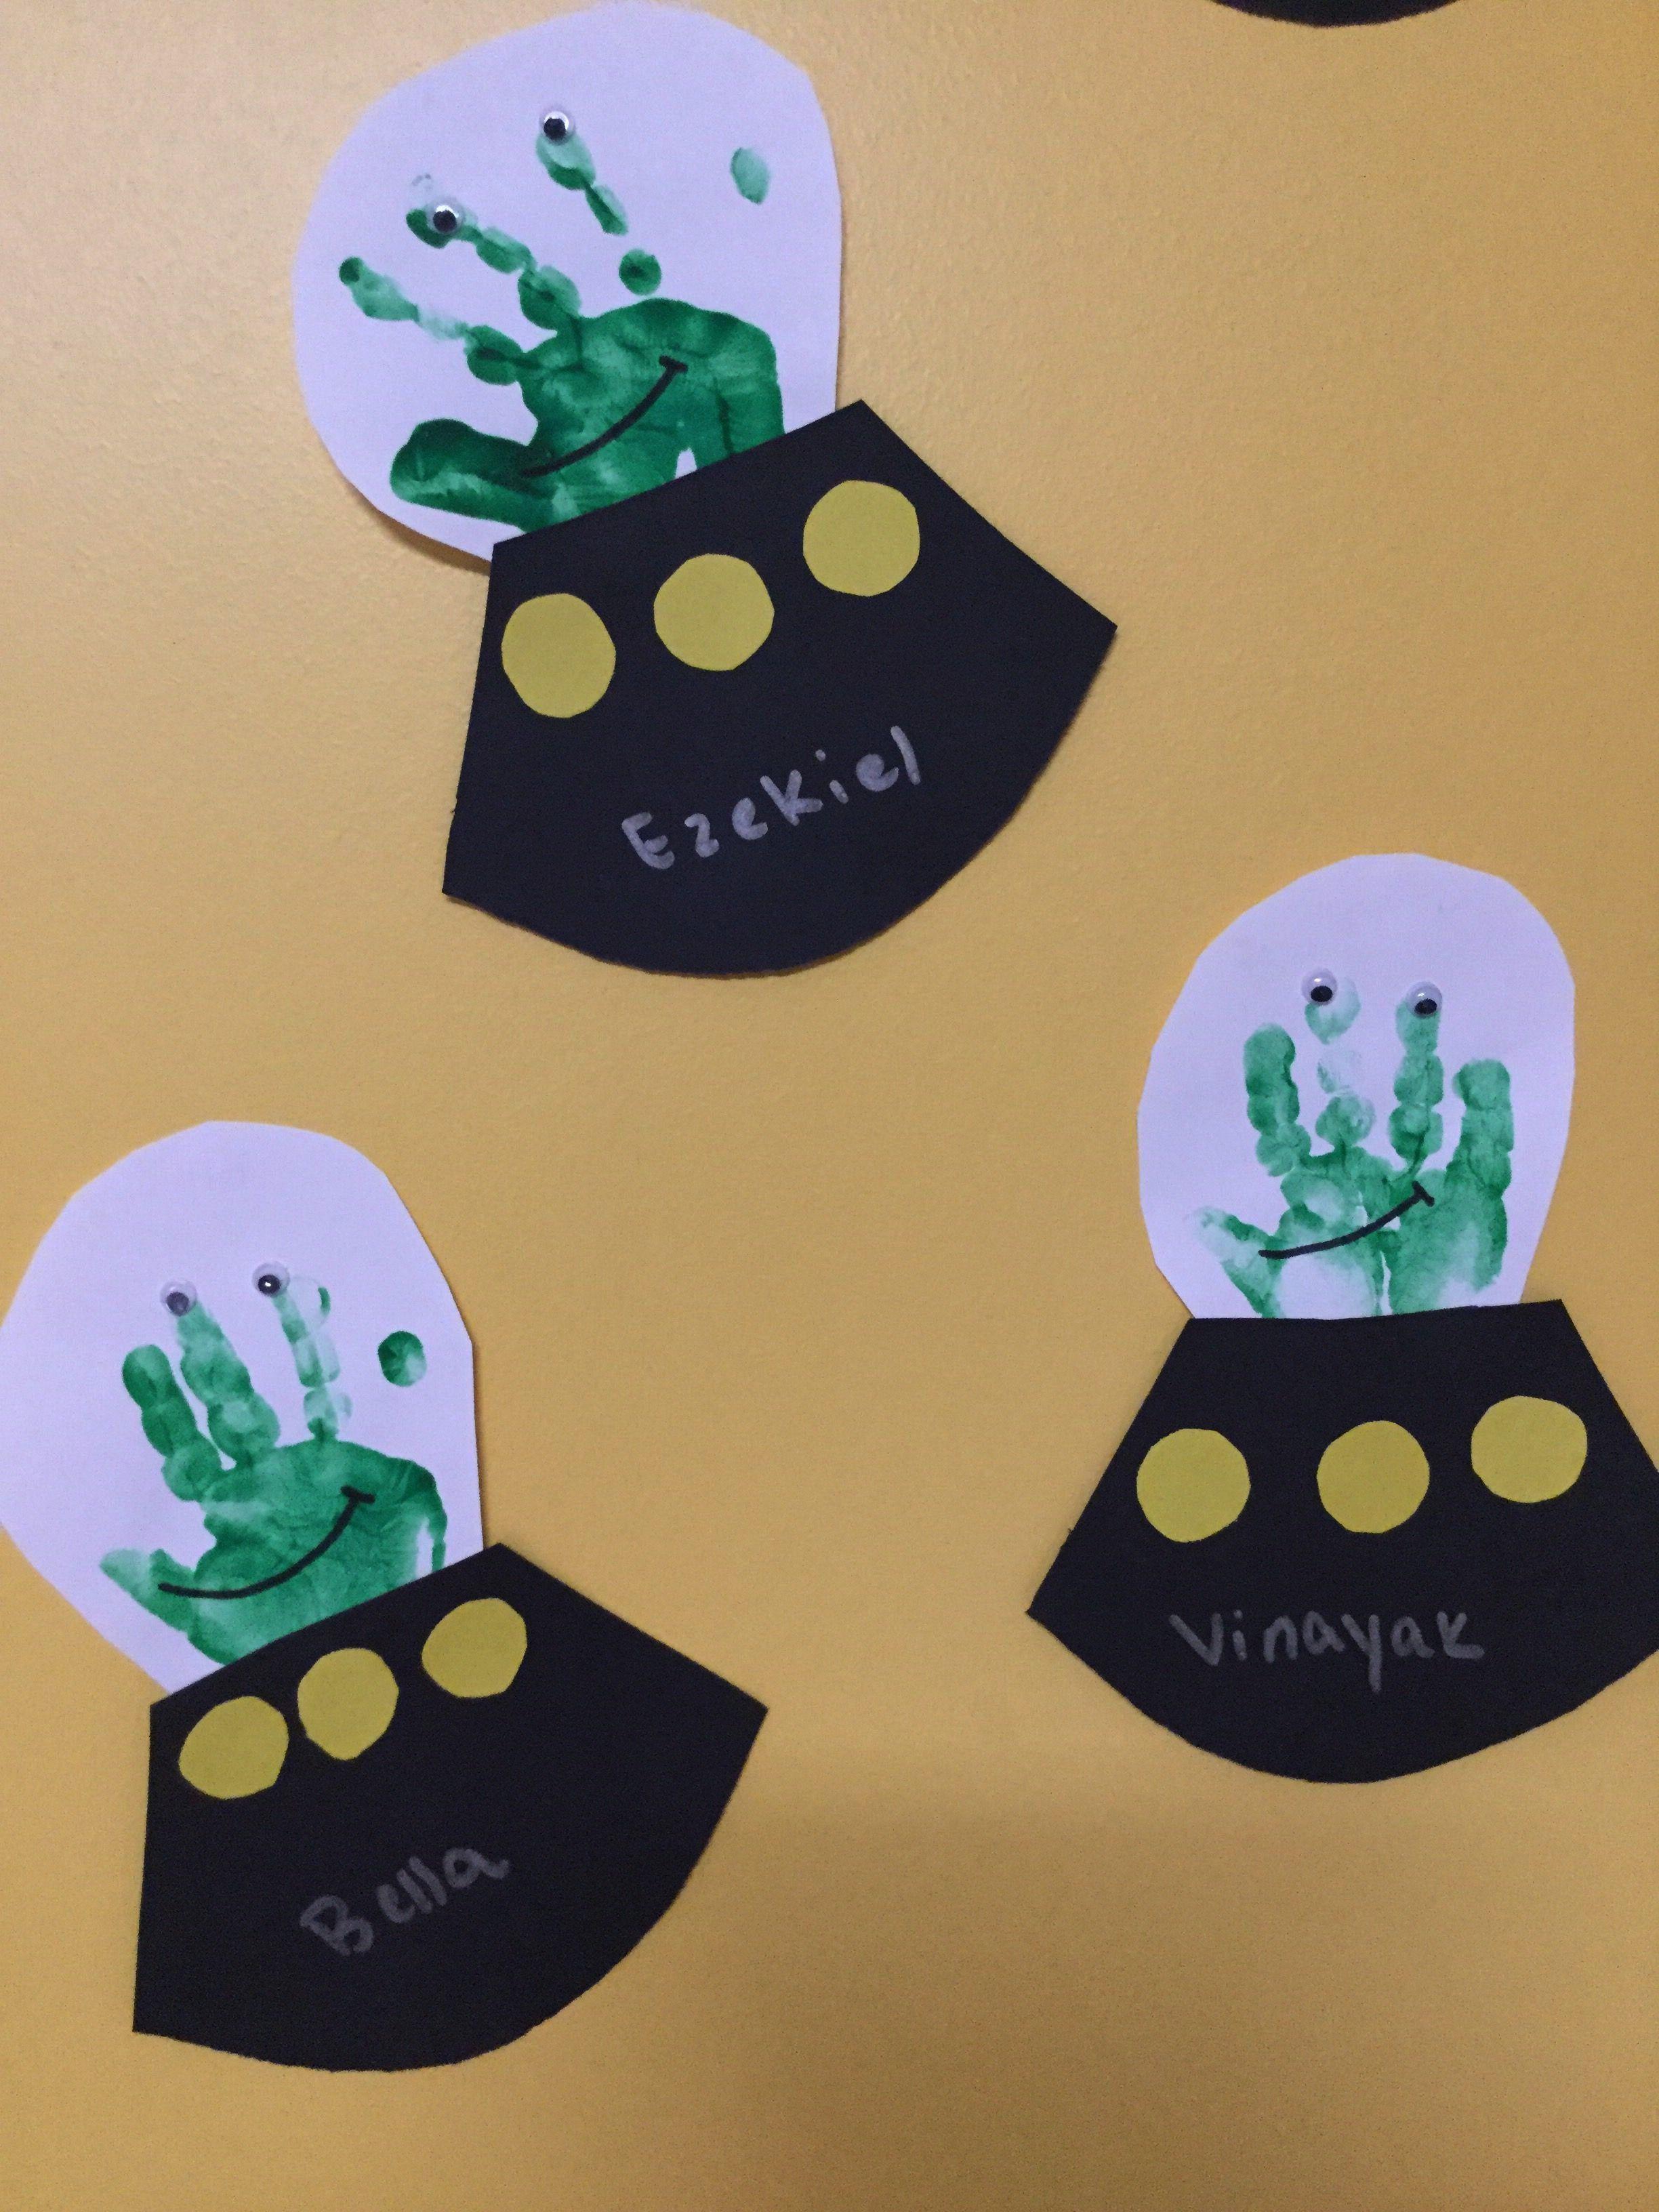 Weltraum Kindergarten Experimente In With Images